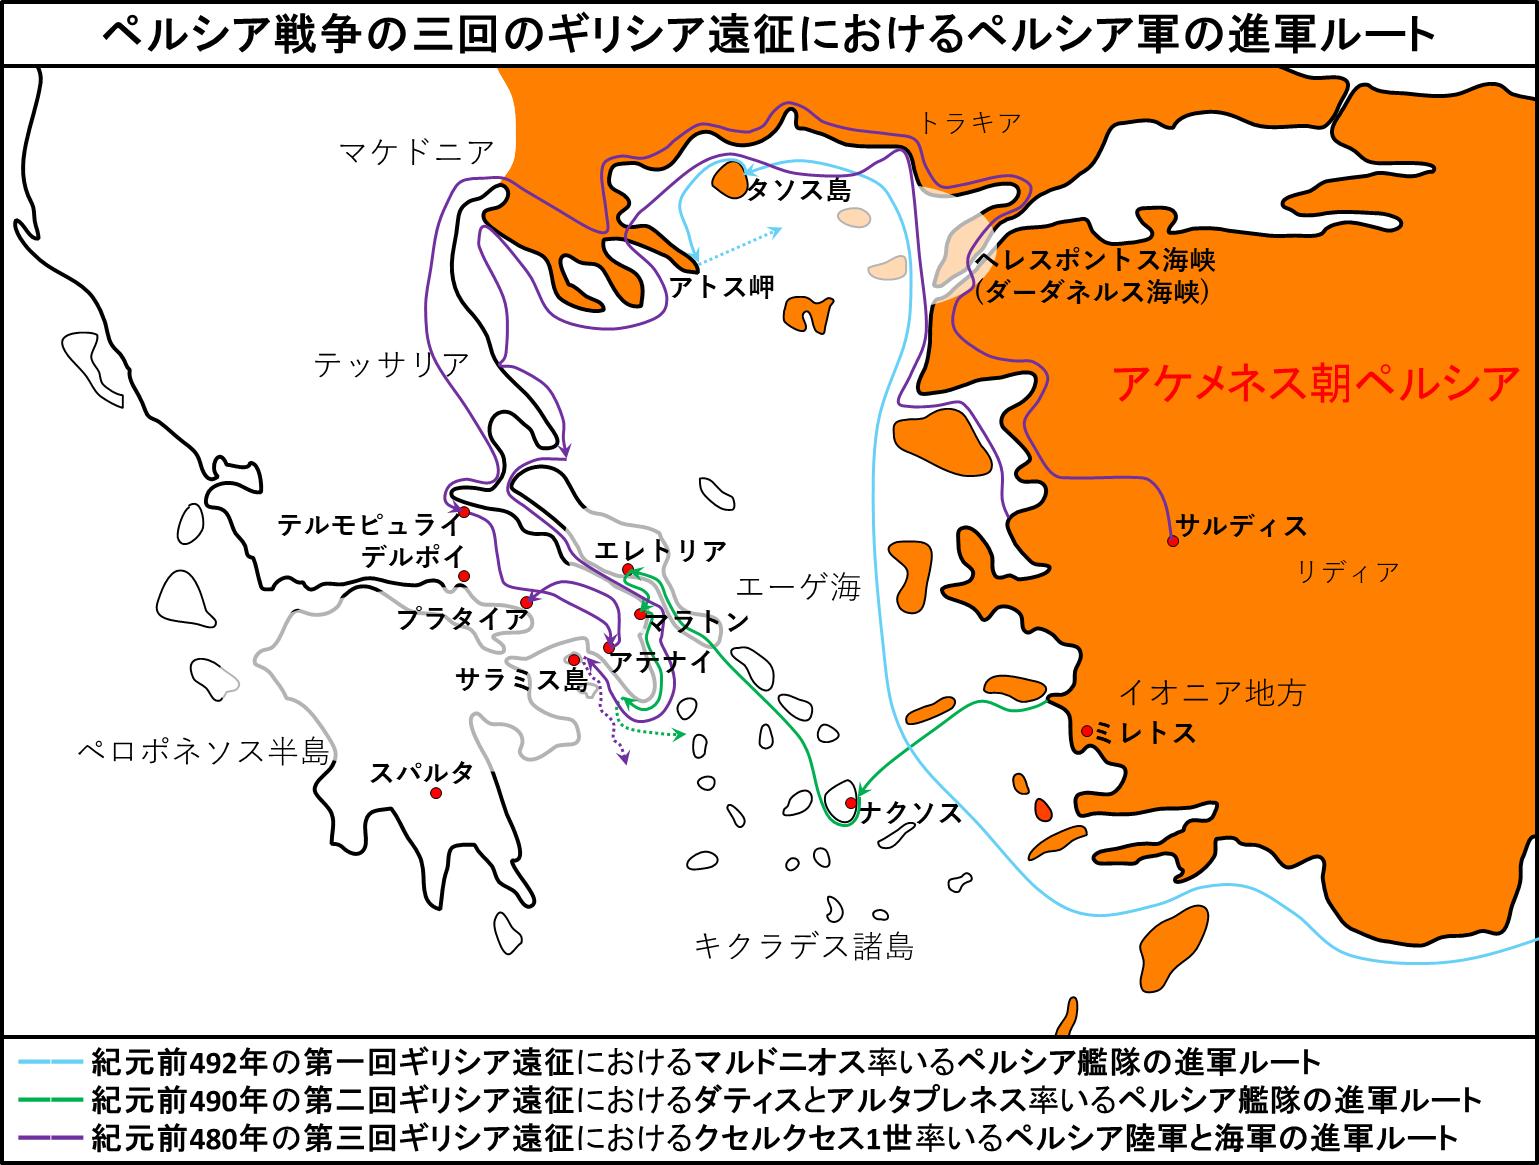 ペルシア戦争の三回のギリシア遠征におけるペルシア軍の進軍ルート